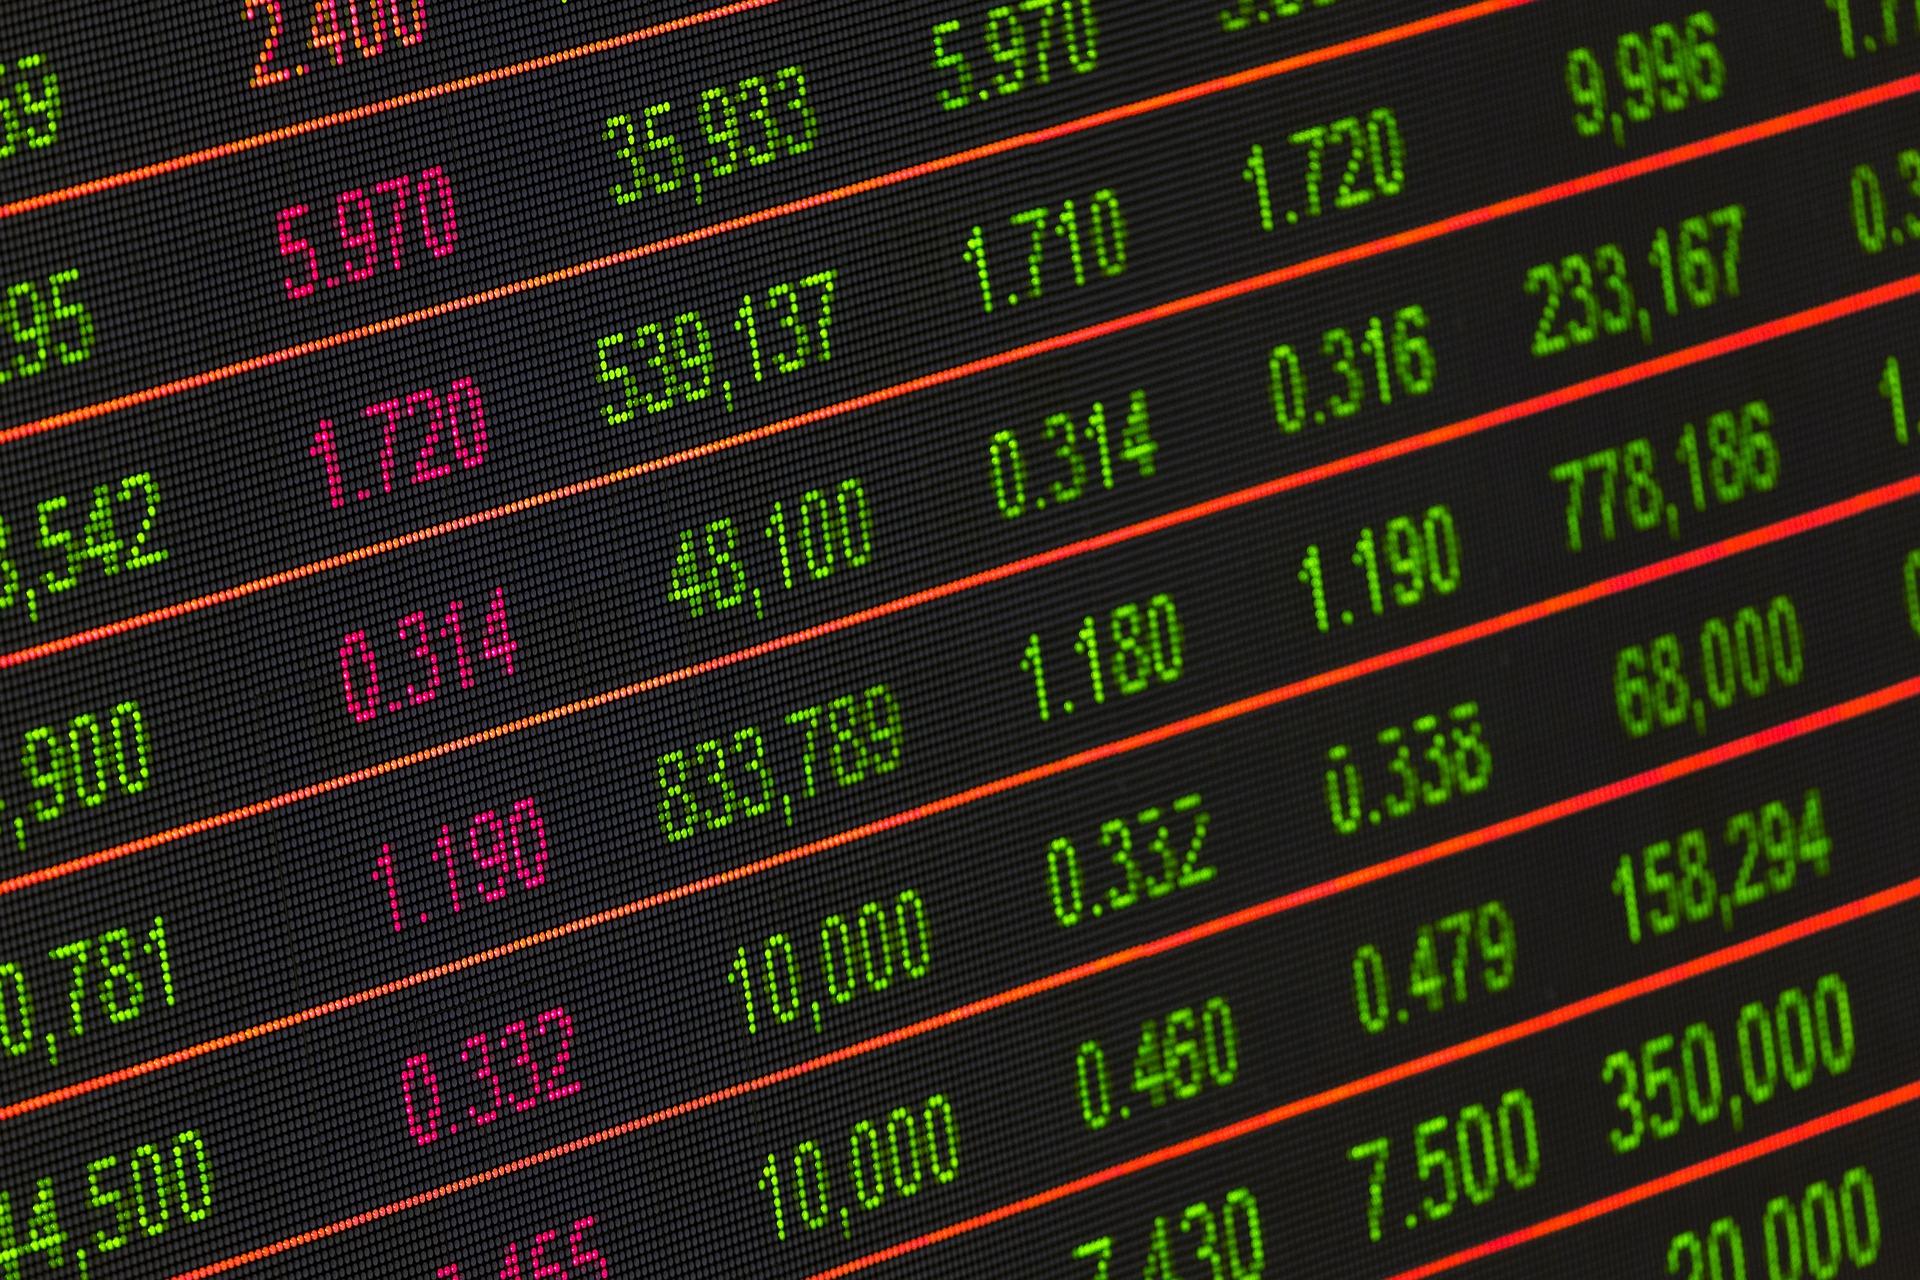 Índices futuros de NY e bolsas europeias operam em alta